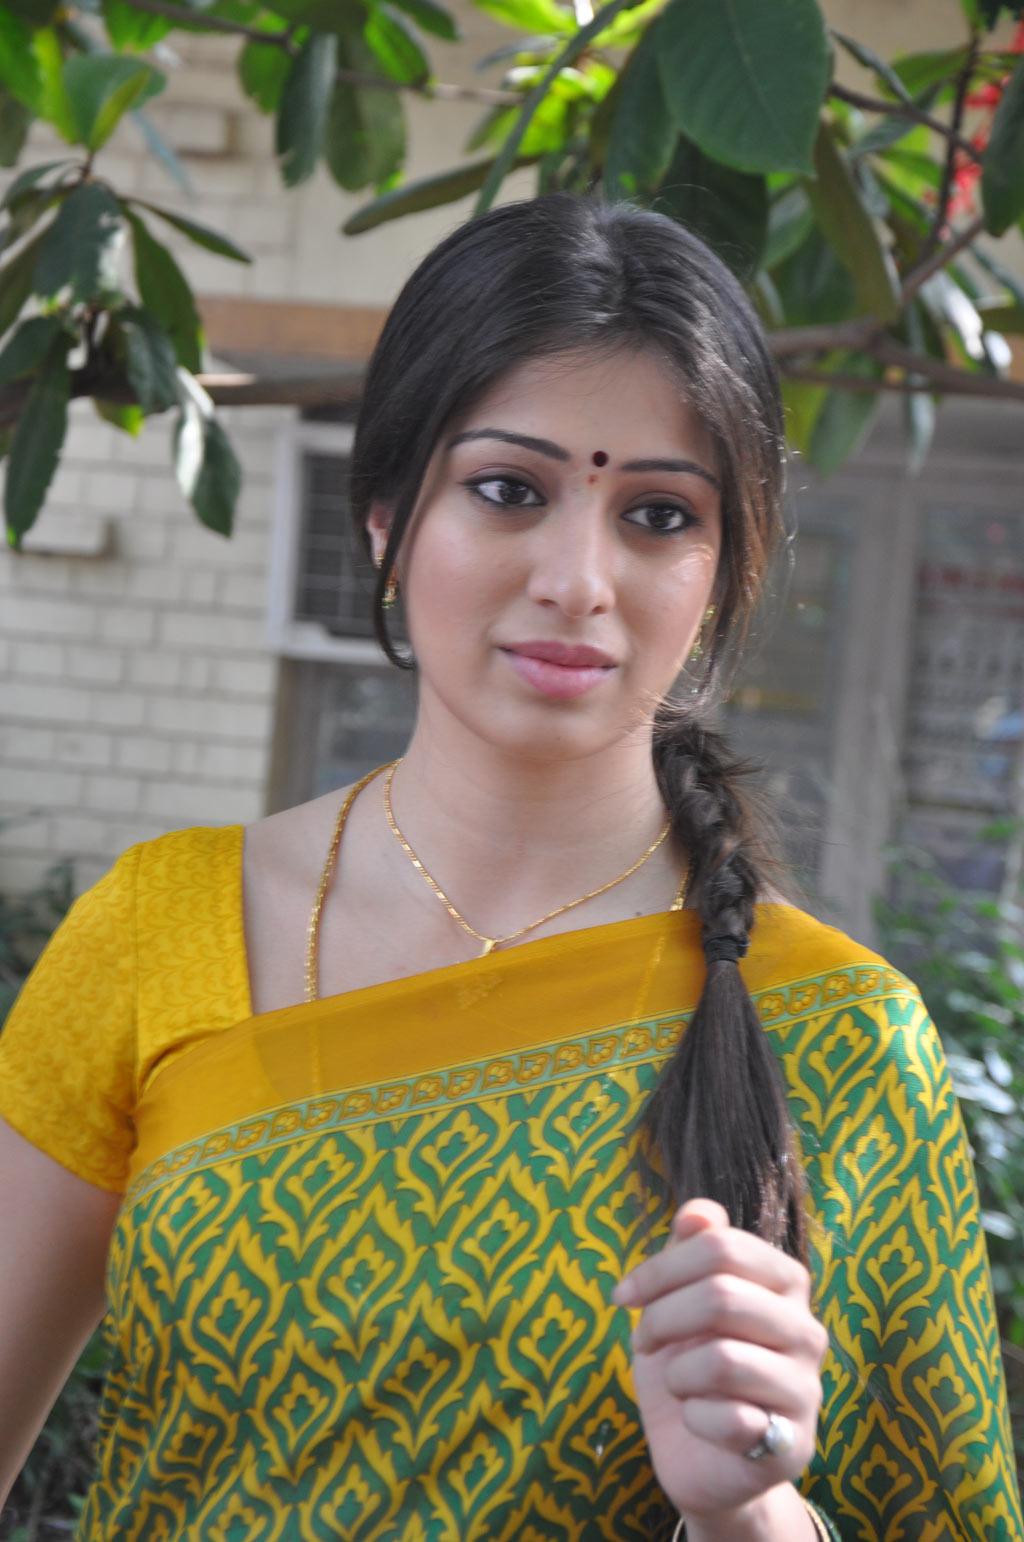 High Quality Images Actress Lakshmi Rai Latest Photo Images-1790